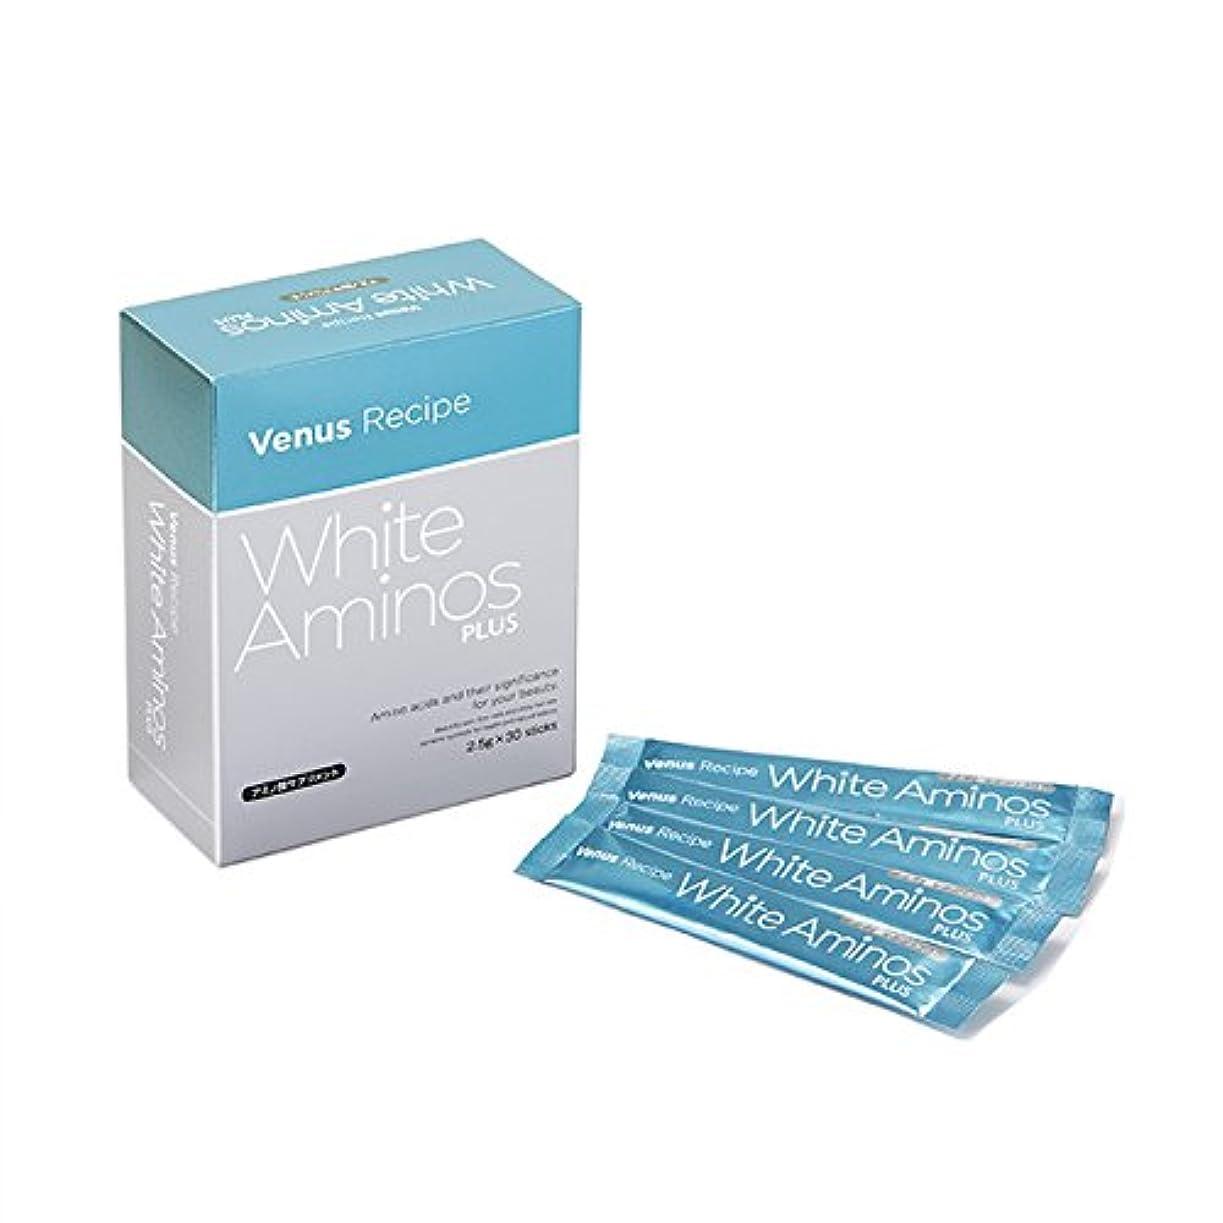 未来ペニーペインギリックアクシージア (AXXZIA) ヴィーナスレシピ ホワイト アミノズ プラス 75g(2.5g×30包)  アミノ酸